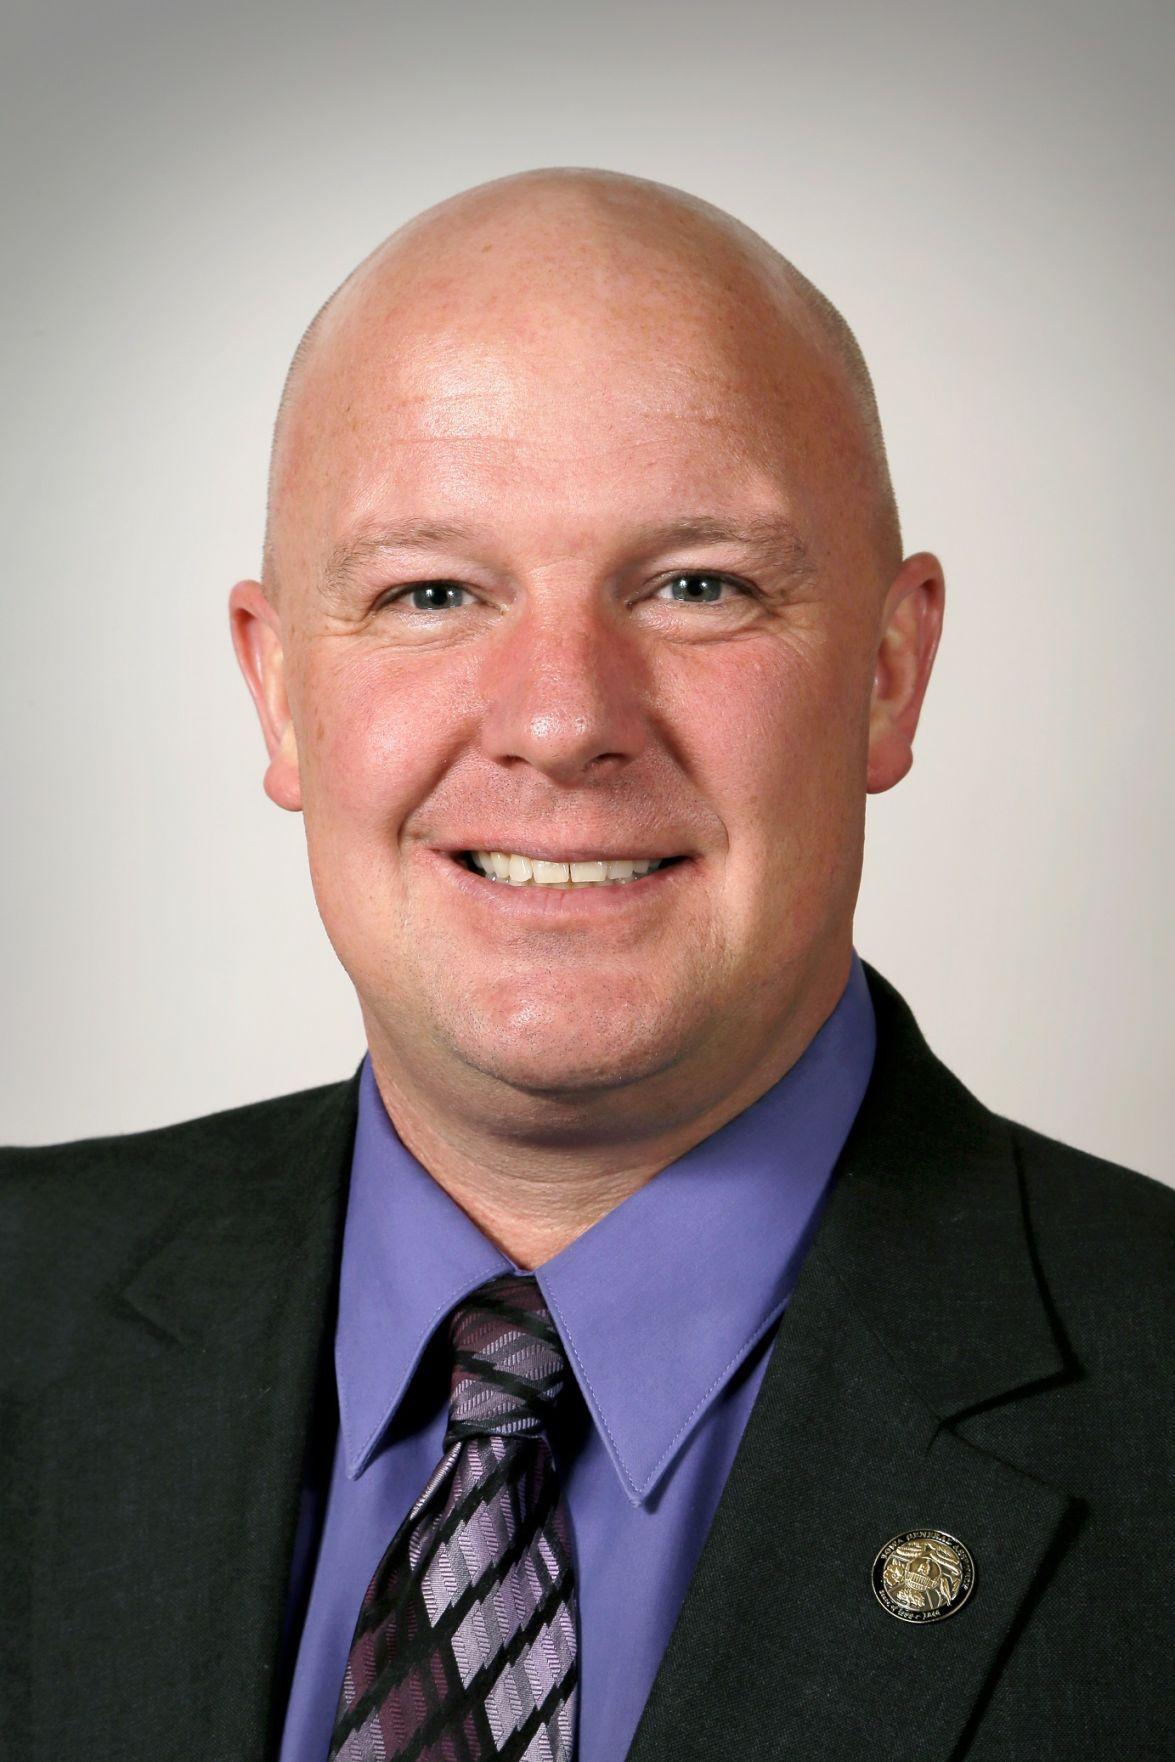 Iowa state Sen. Jason Schultz